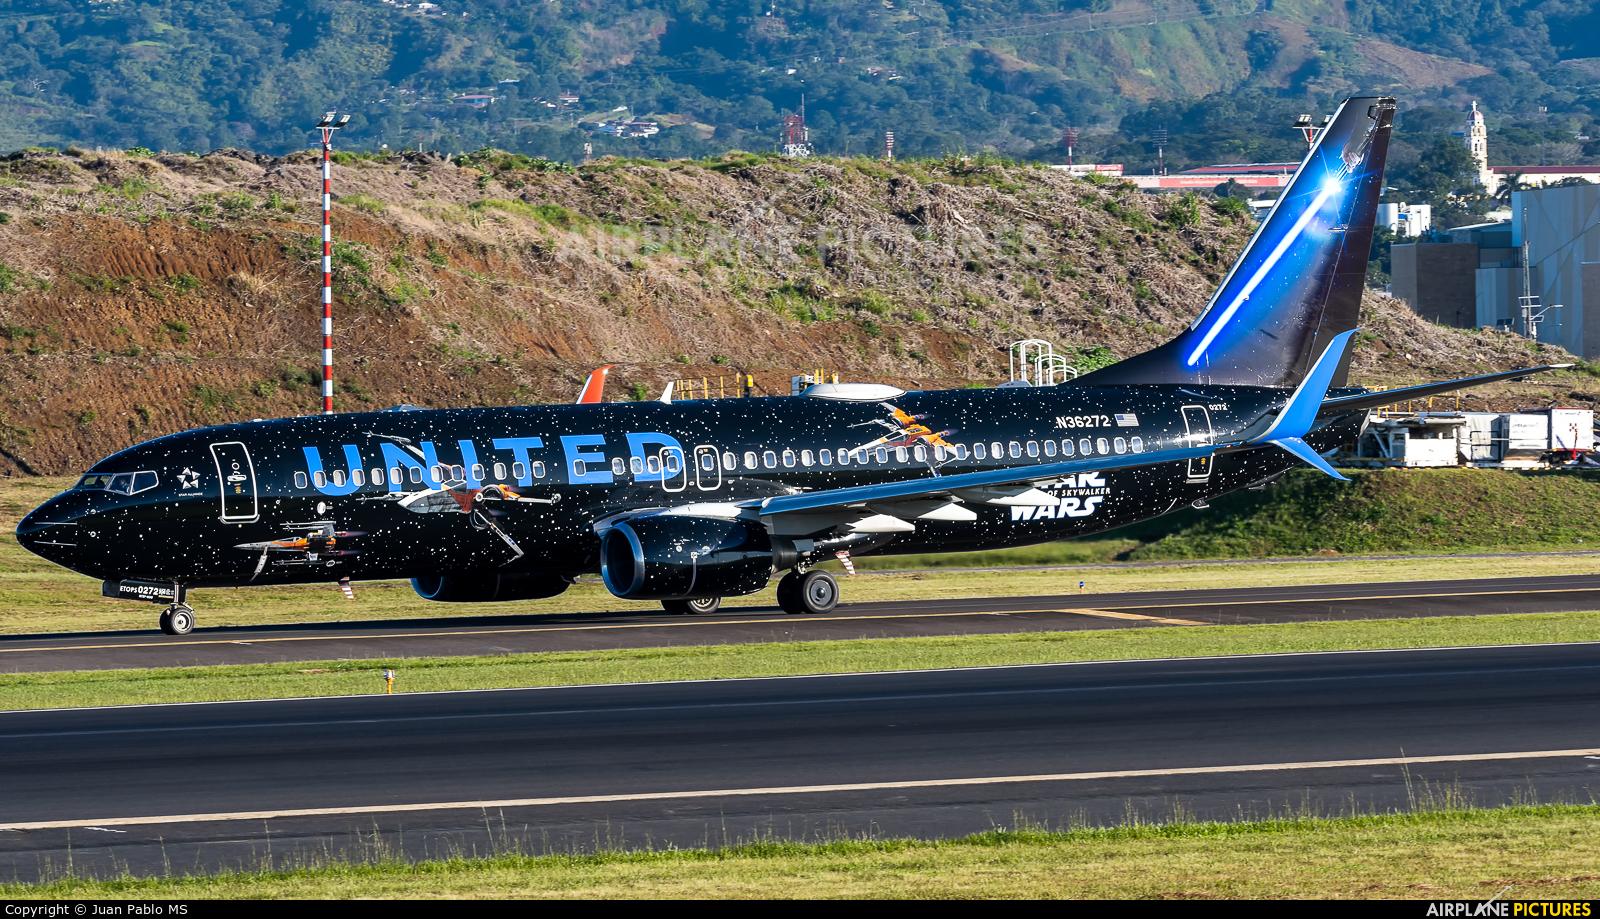 United Airlines N36272 aircraft at San Jose - Juan Santamaría Intl